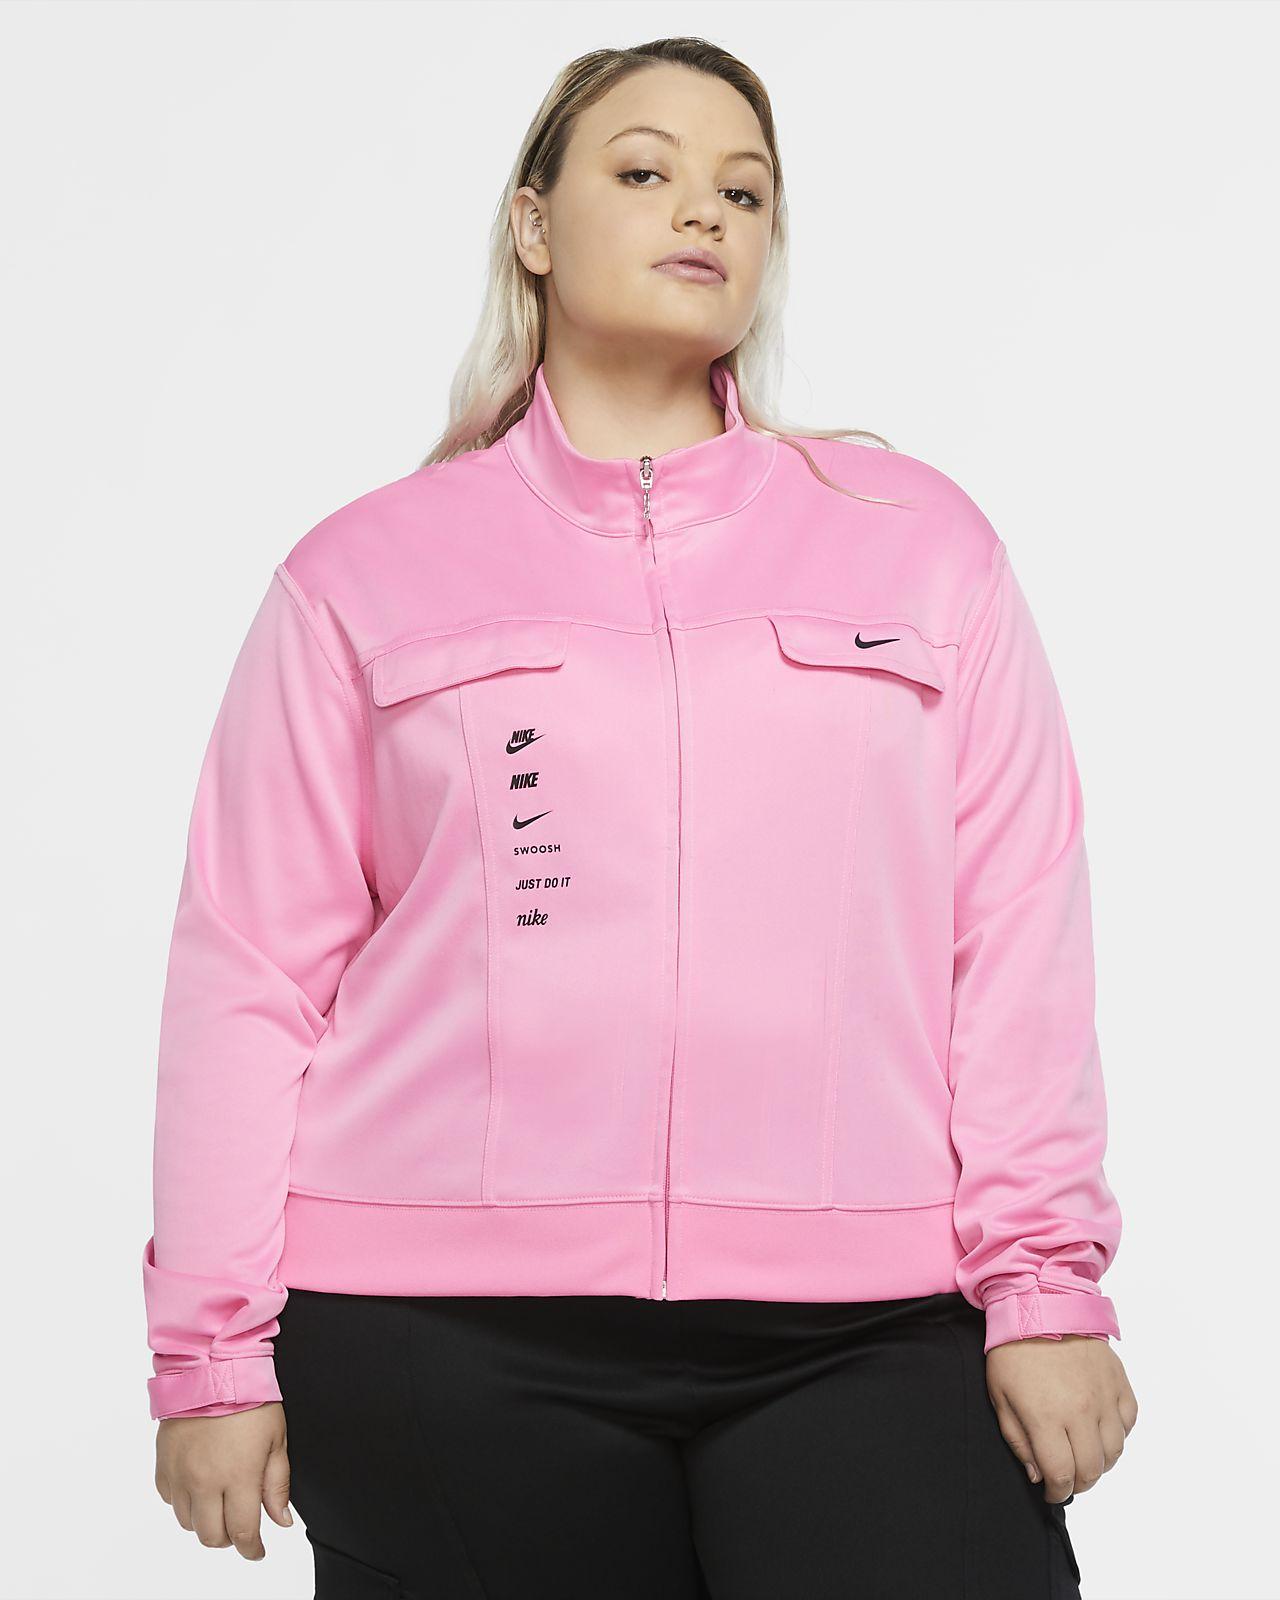 Nike Sportswear Windrunner PolyKnit-Jacke für Damen (große Größe)